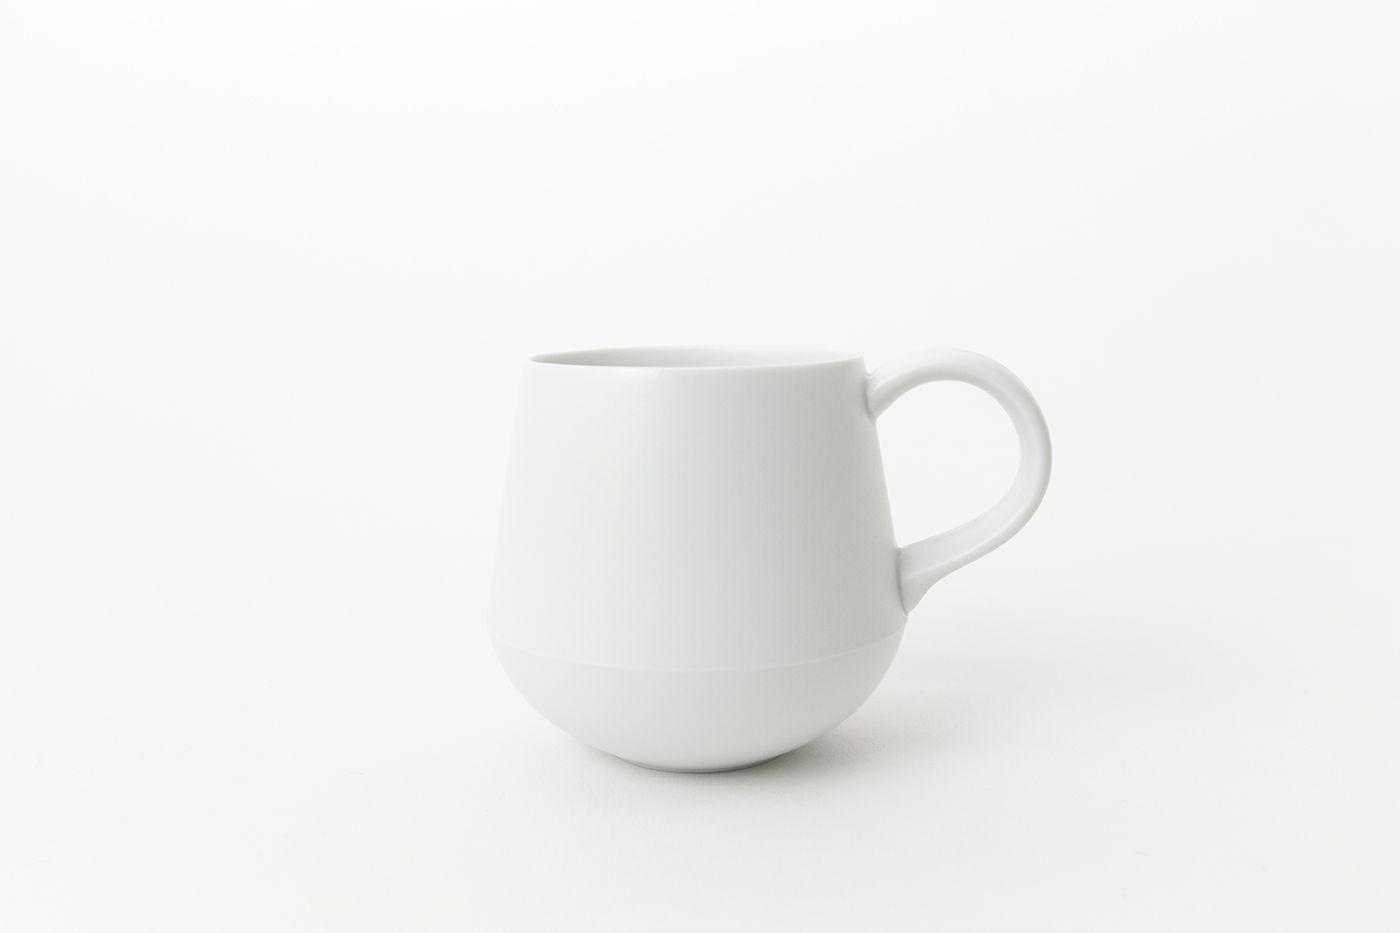 日本 KIHARA 白素磁釉 咖啡杯